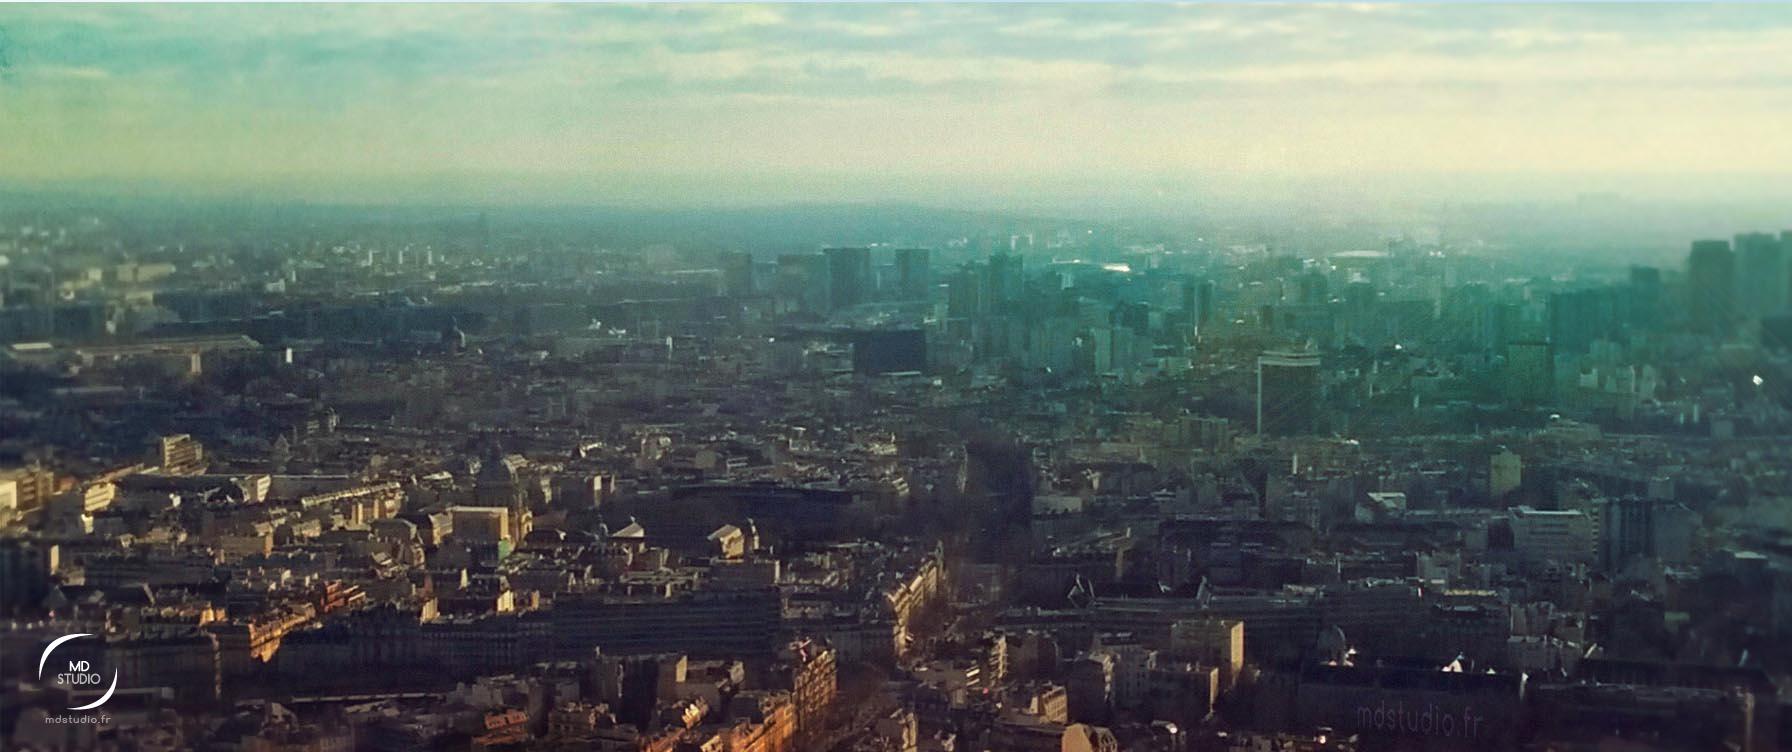 Autre vue | Paris depuis la tour Montparnasse | MDstudio